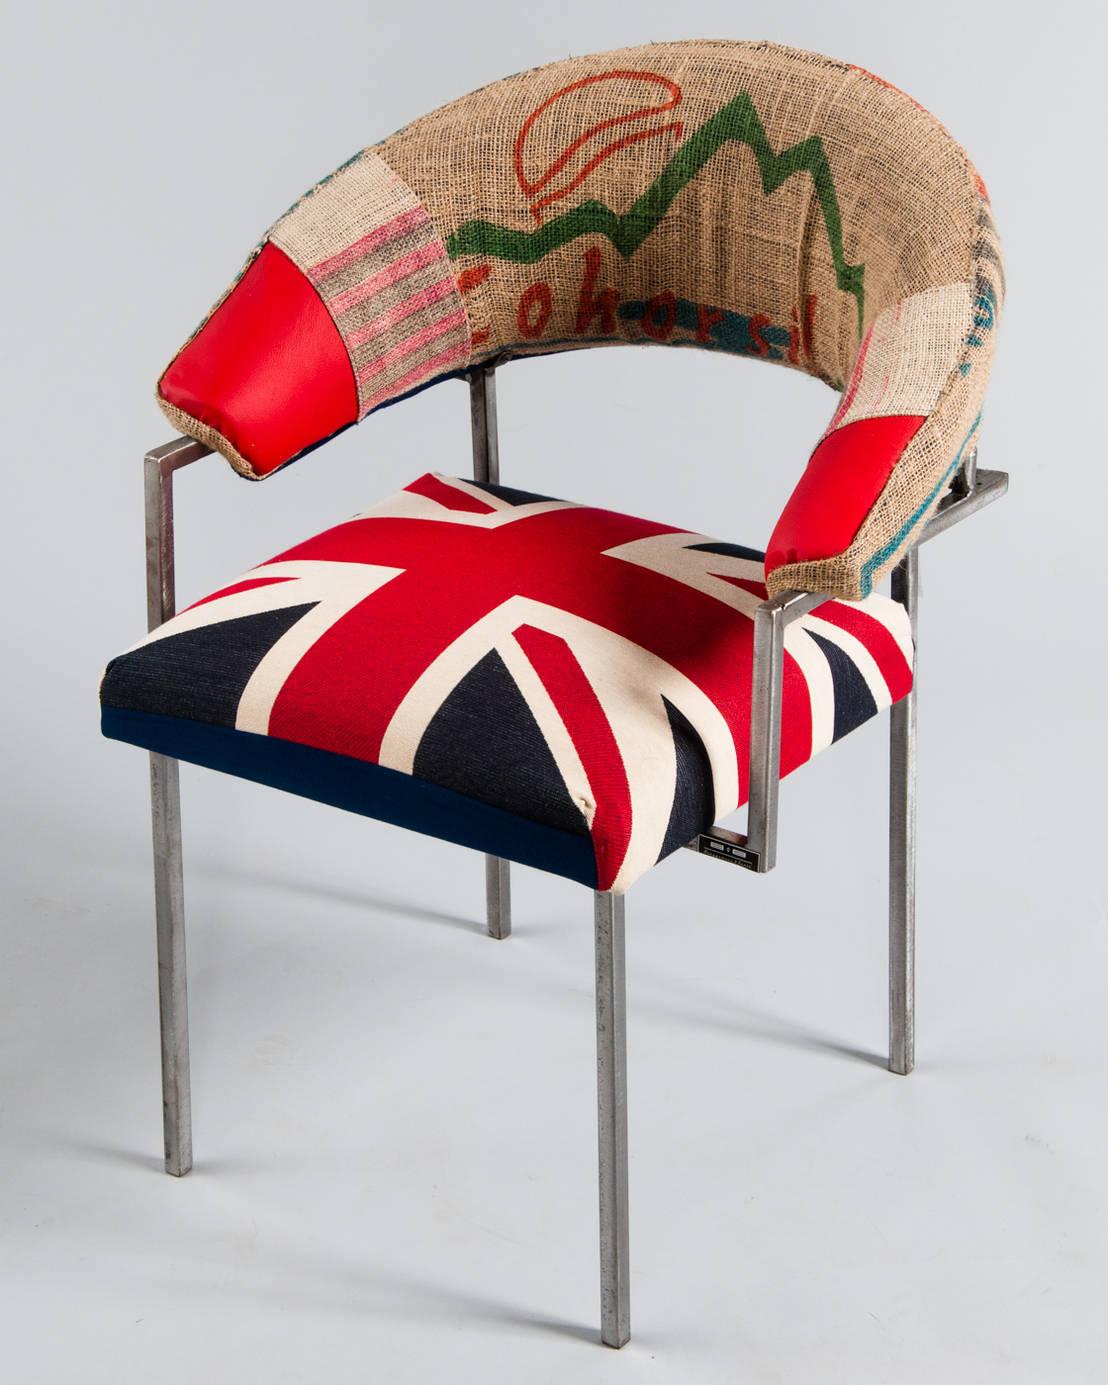 st hle von br ggemann barth by ab creative artist homify. Black Bedroom Furniture Sets. Home Design Ideas